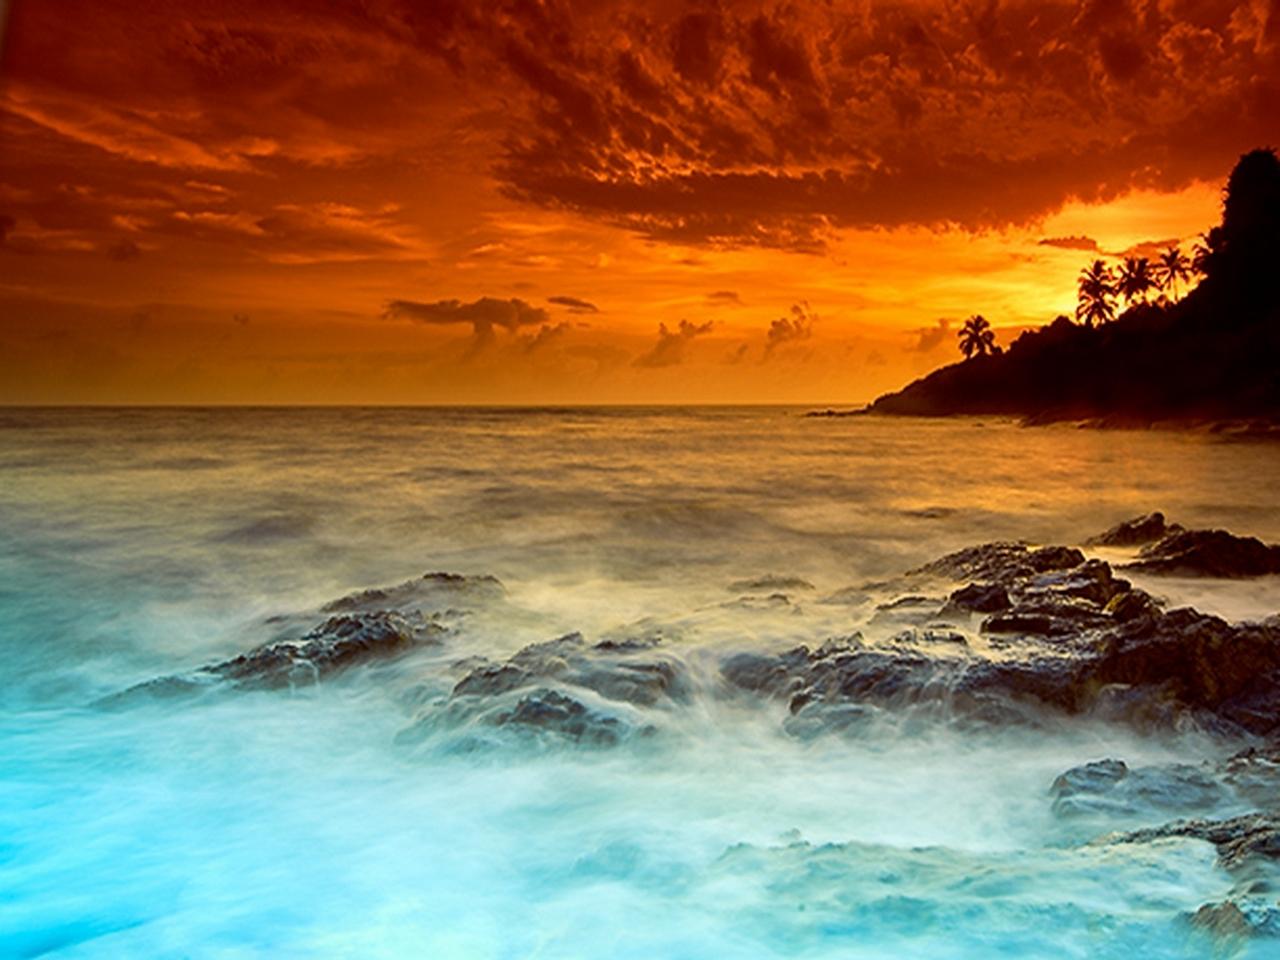 Immagini sfondo pc natura